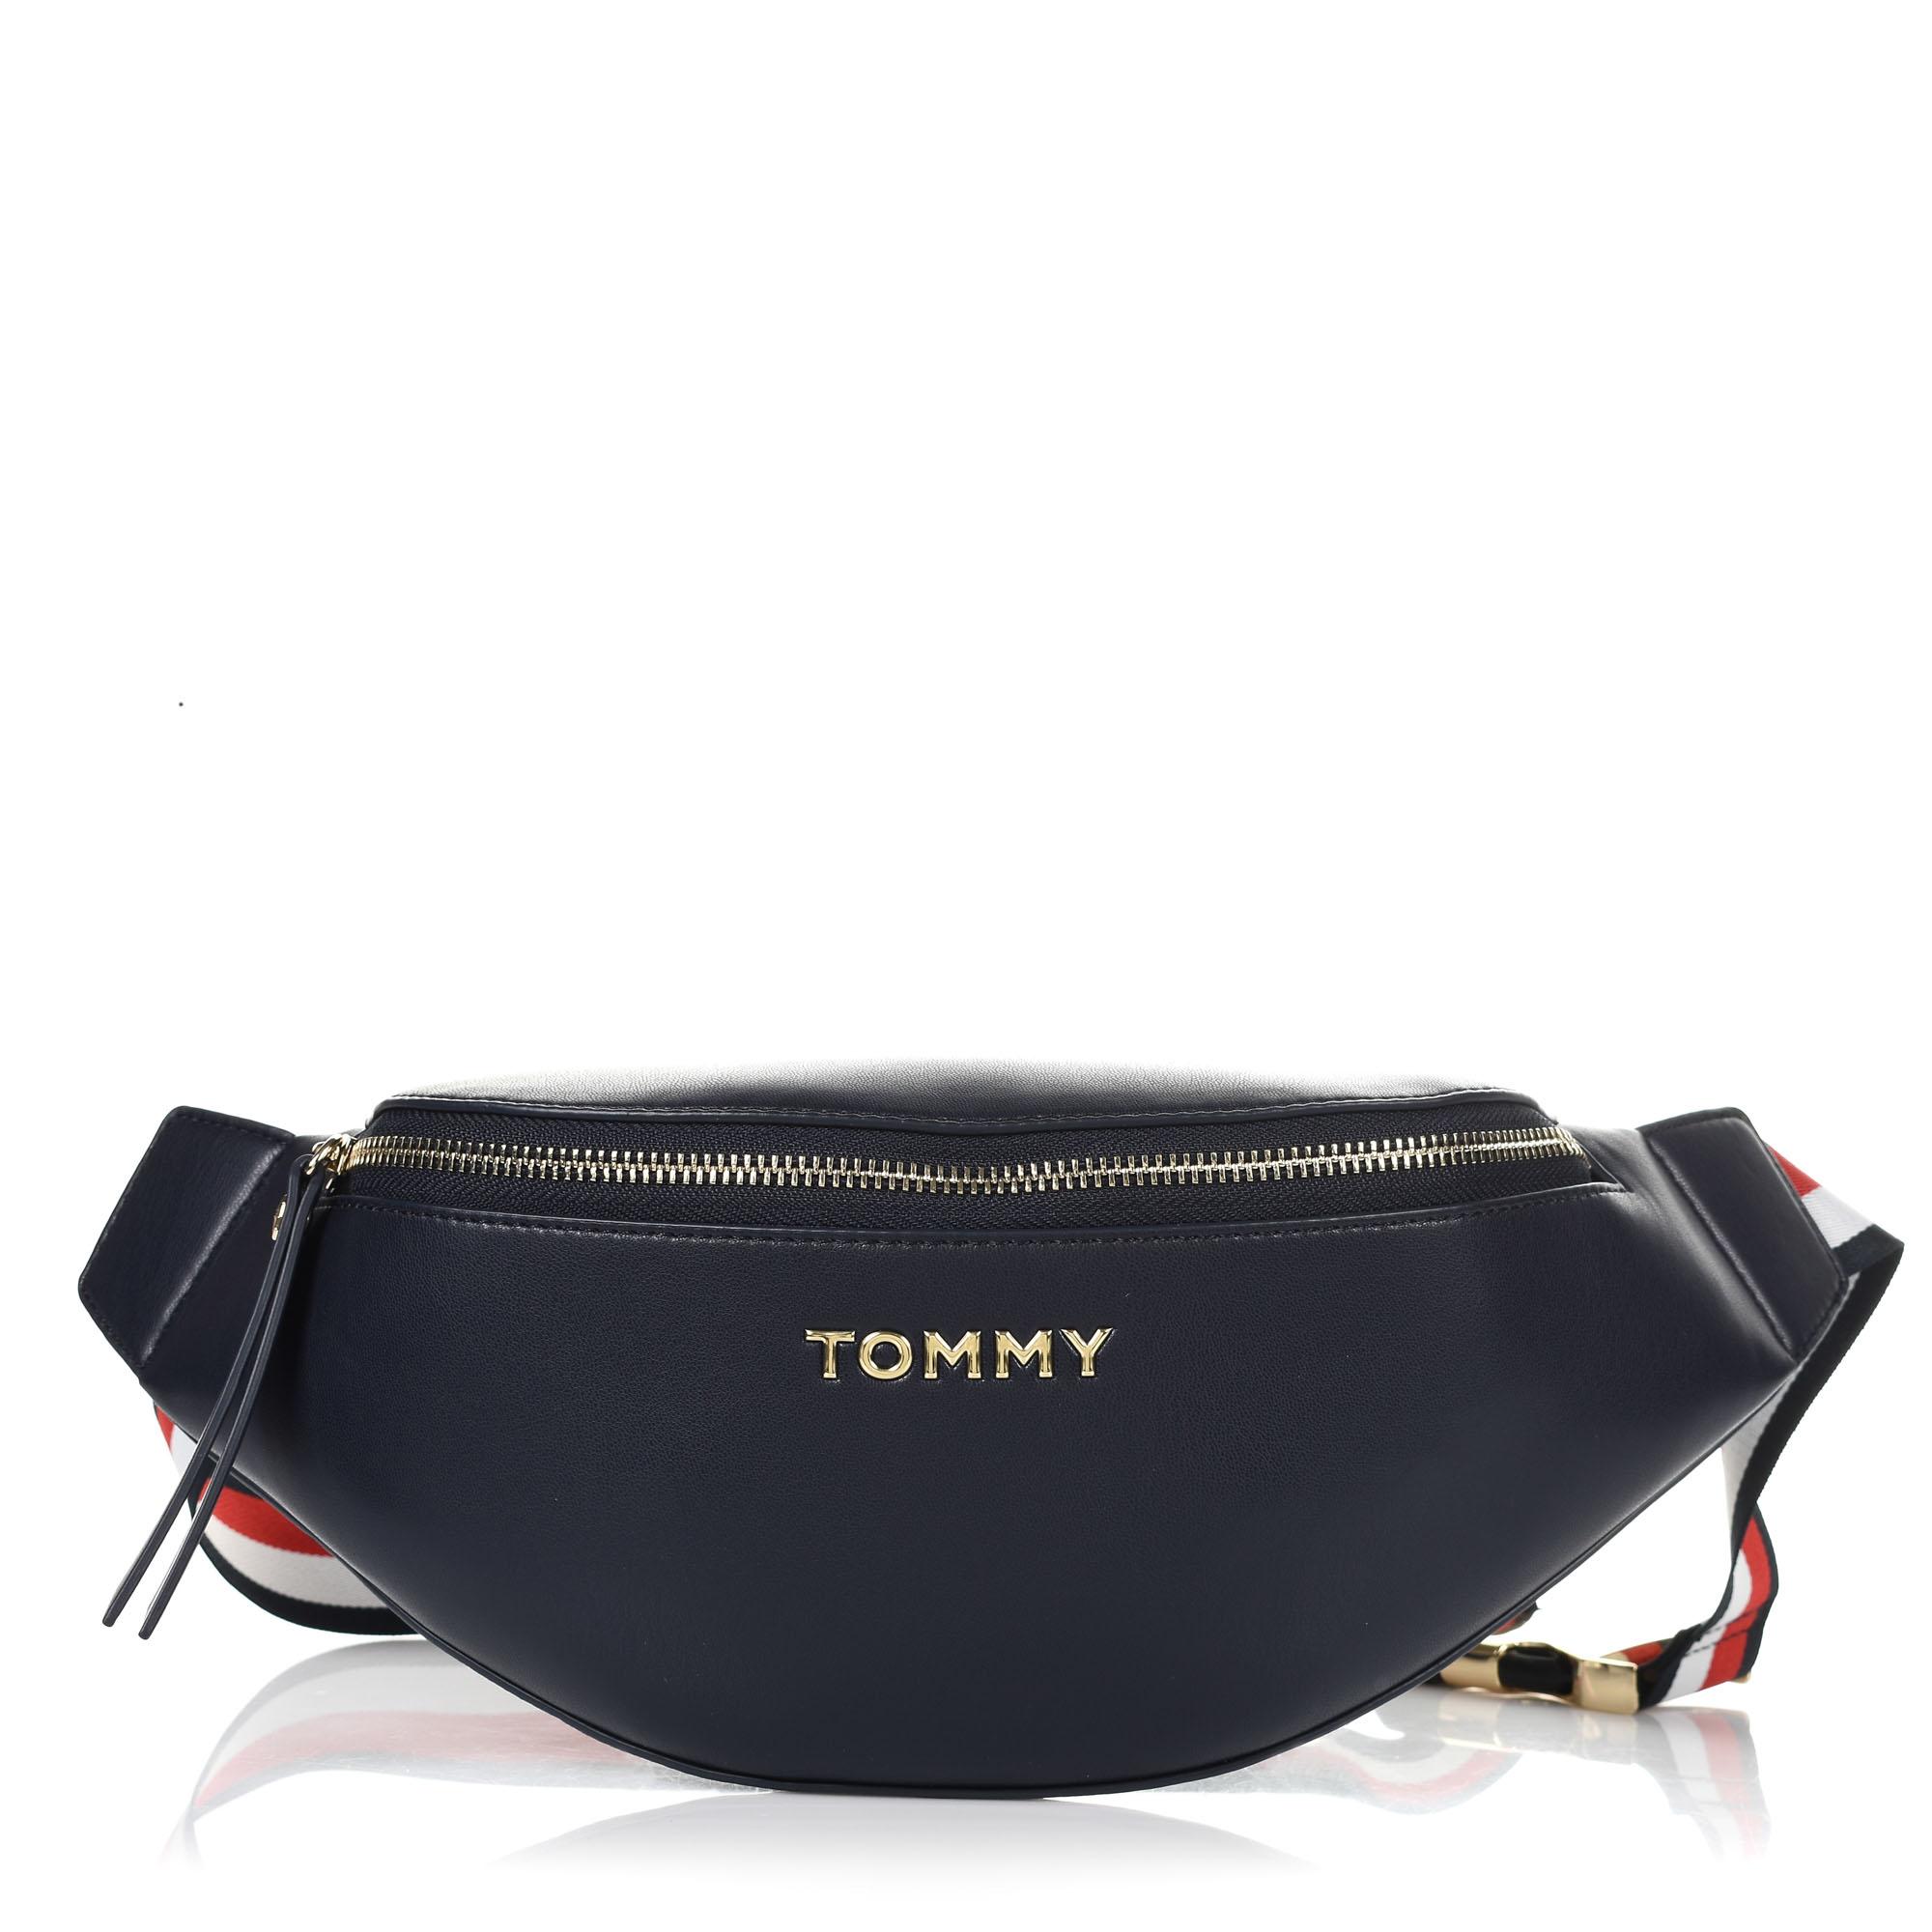 Τσάντα Μέσης Tommy Hilfiger Iconic Tommy Bumbag AW0AW06426